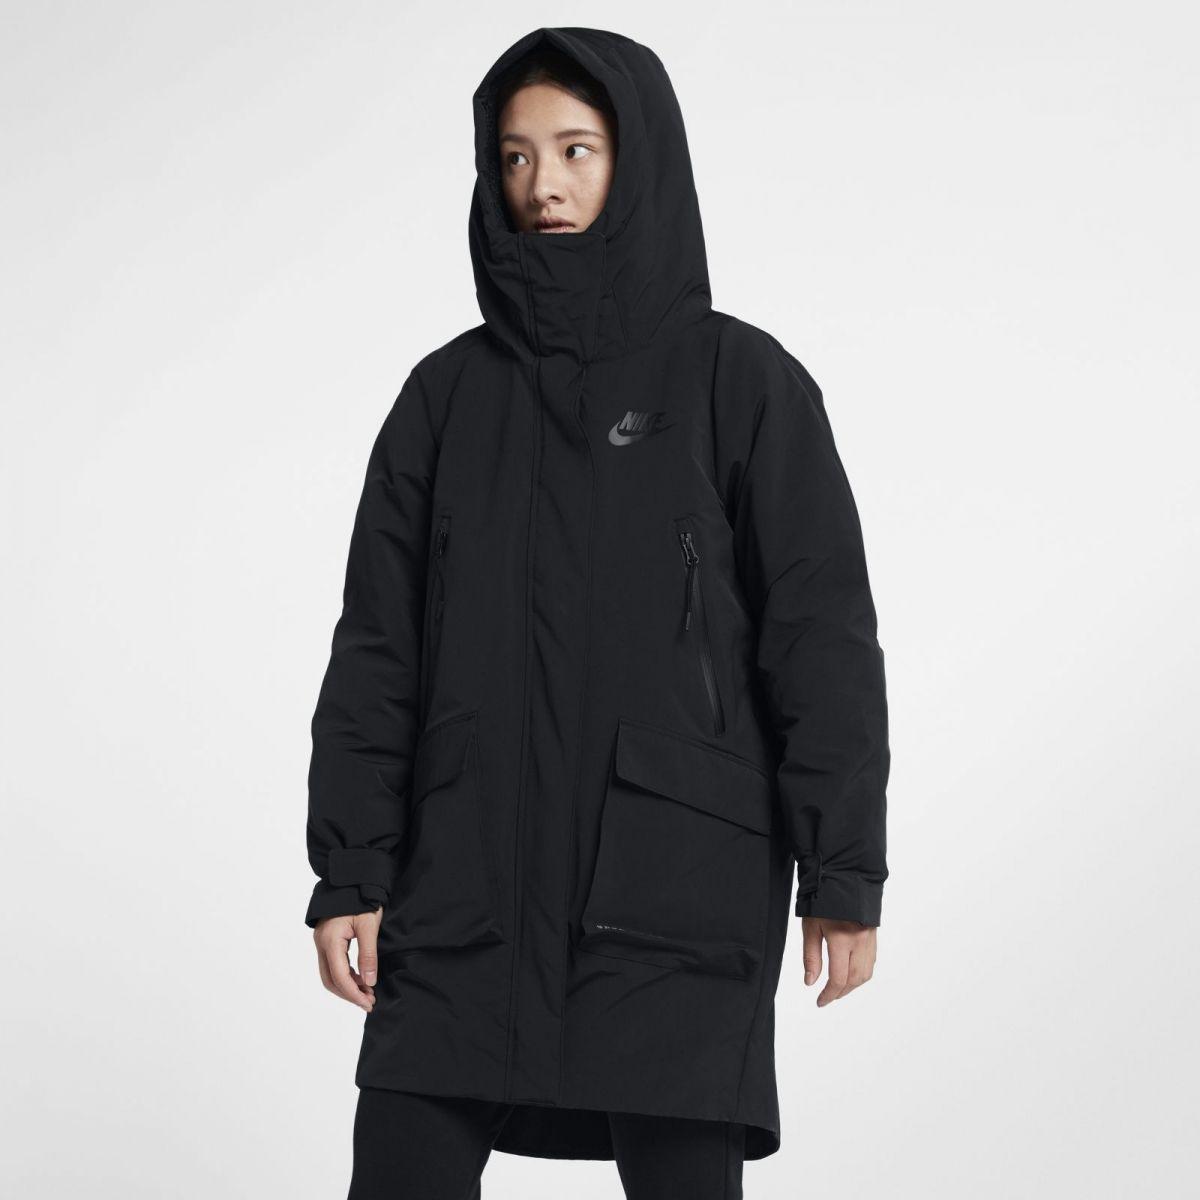 8de7016c Type Jackets Nike Wmns Sportswear Tech Pack Down-Fill Parka